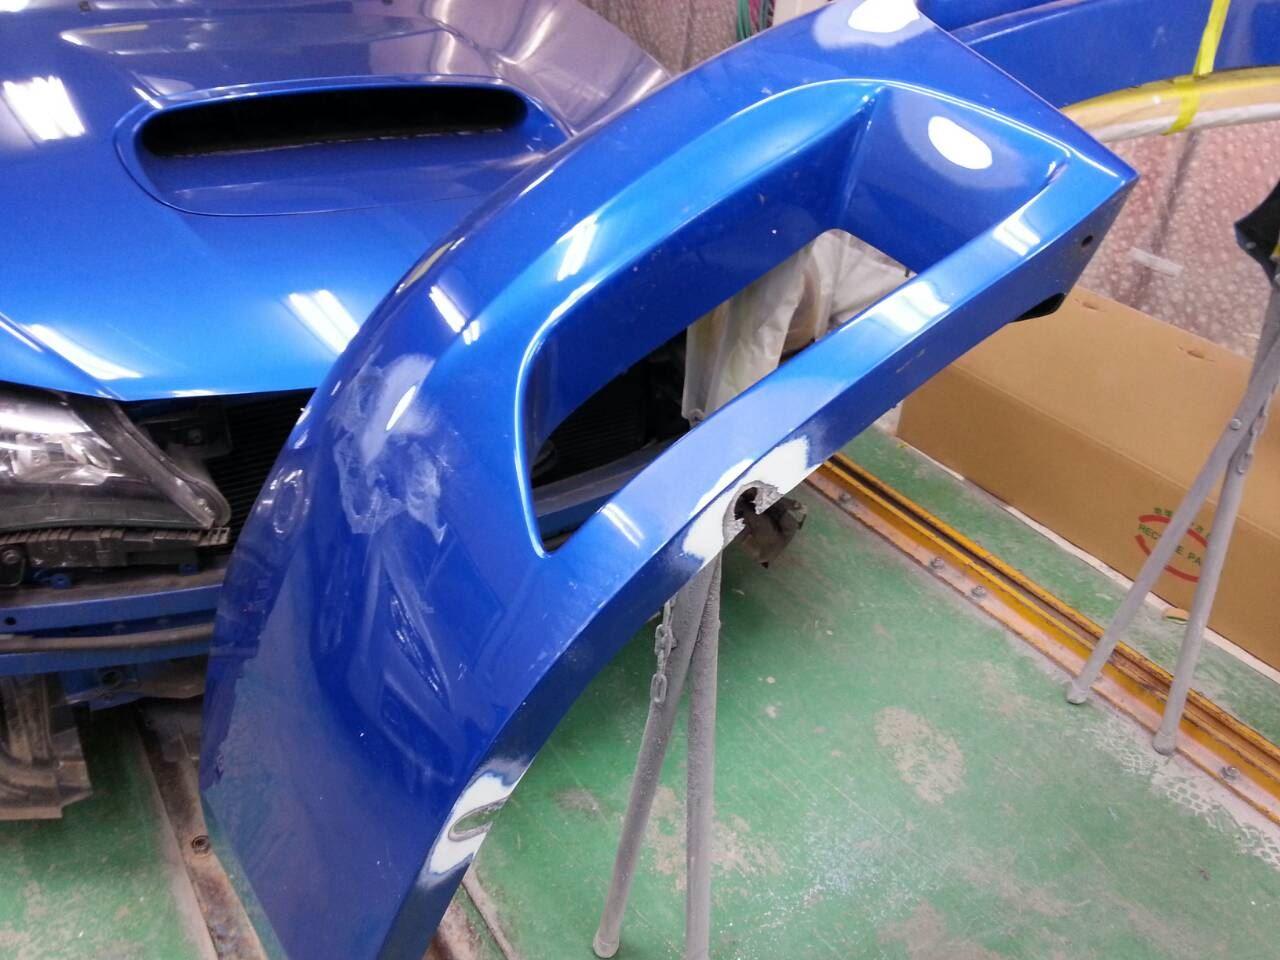 東京都立川市の車の板金塗装修理工場 ガレージローライドのスバル インプレッサのエアロパーツ塗装 取付等です。